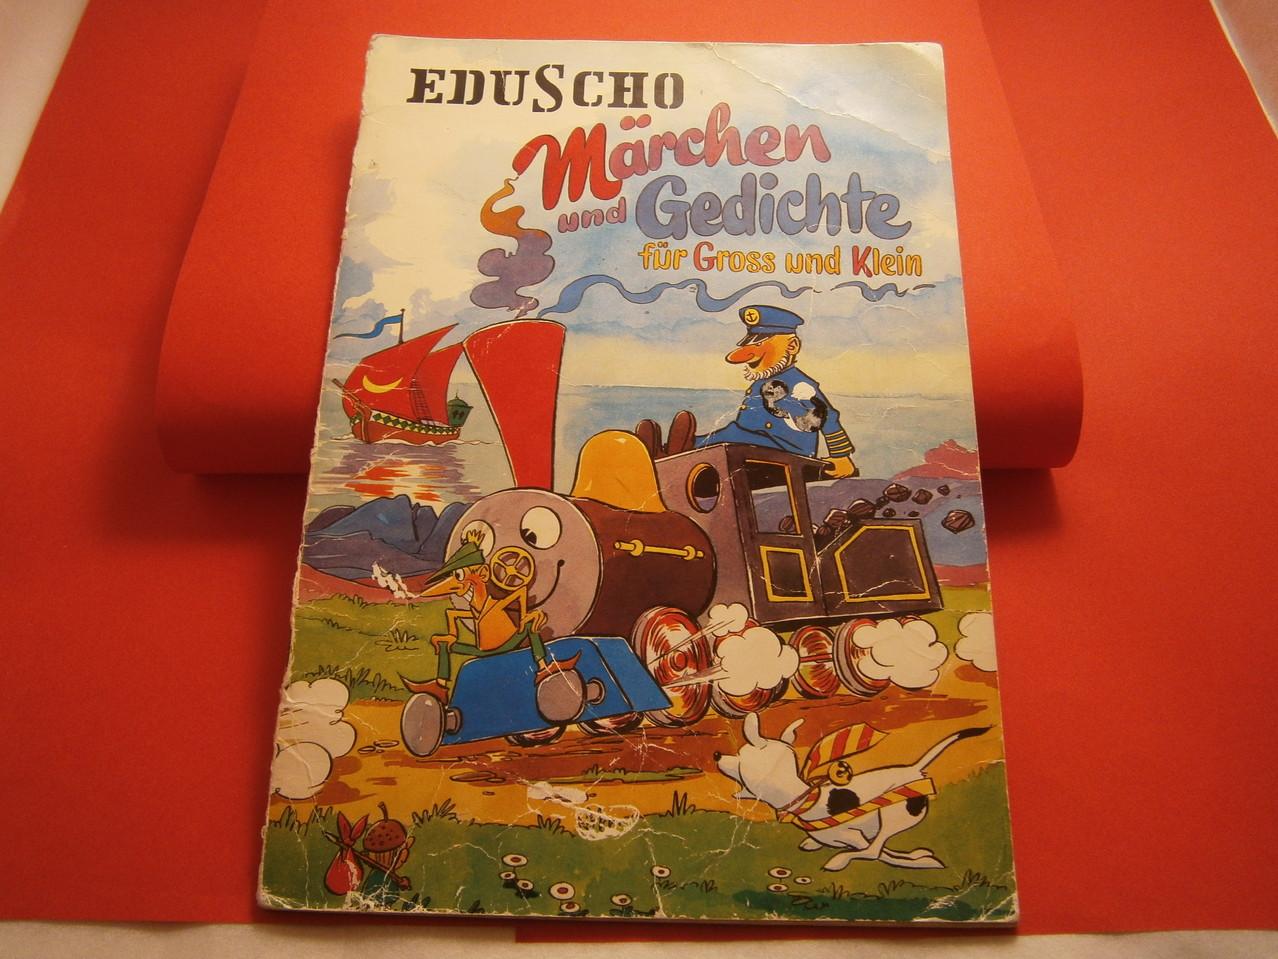 Eduscho Marchen und Gedichte für Gross und Klein 1970